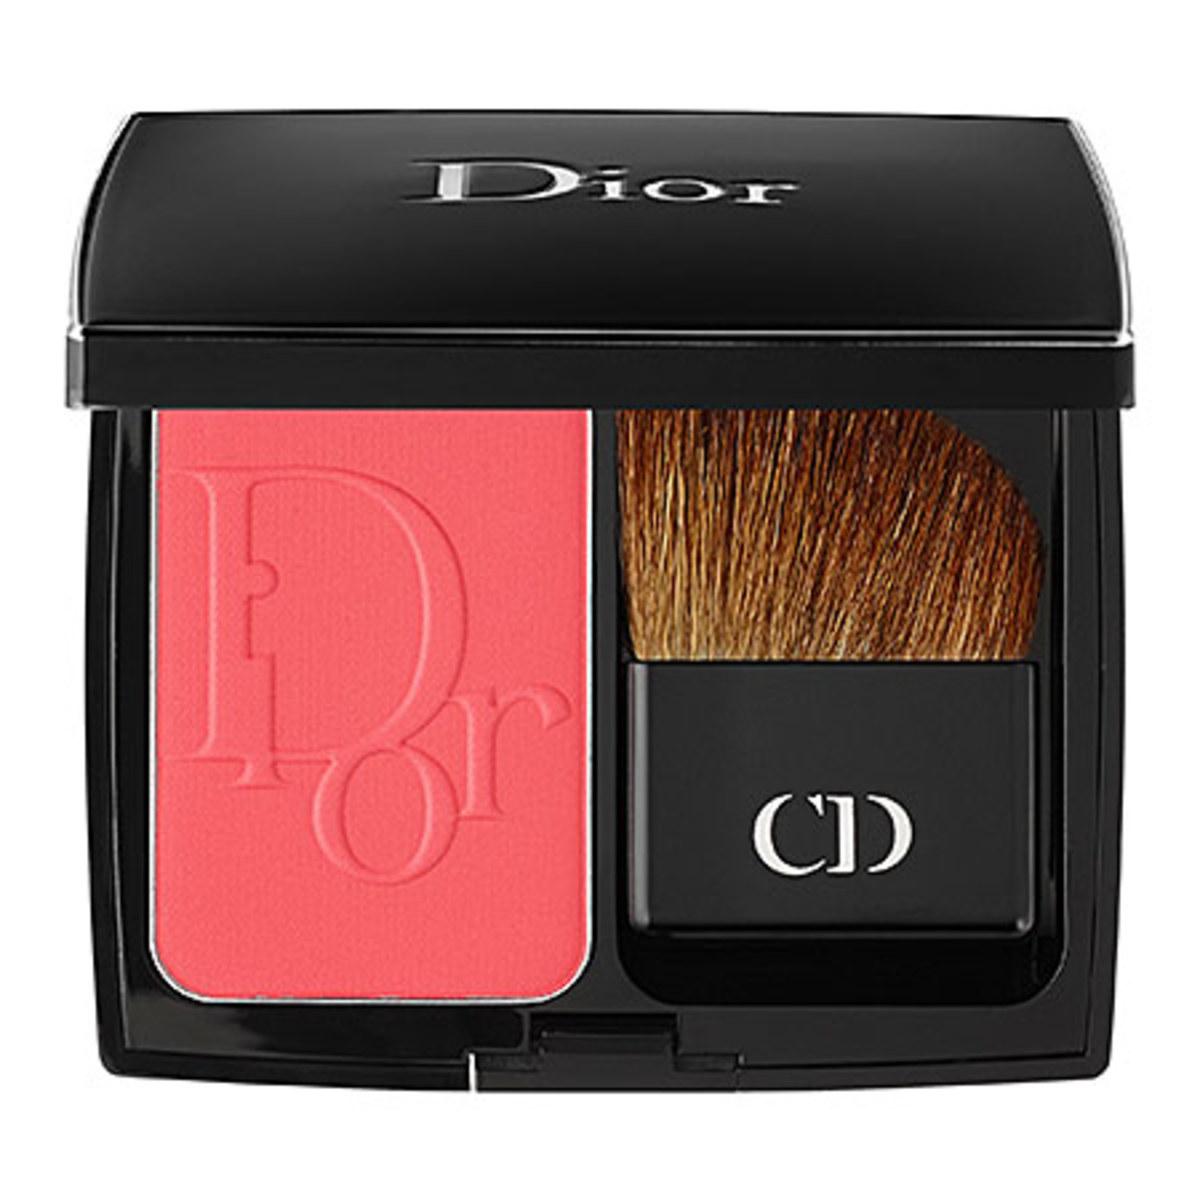 Dior DiorBlush Vibrant Colour Powder Blush in New Red